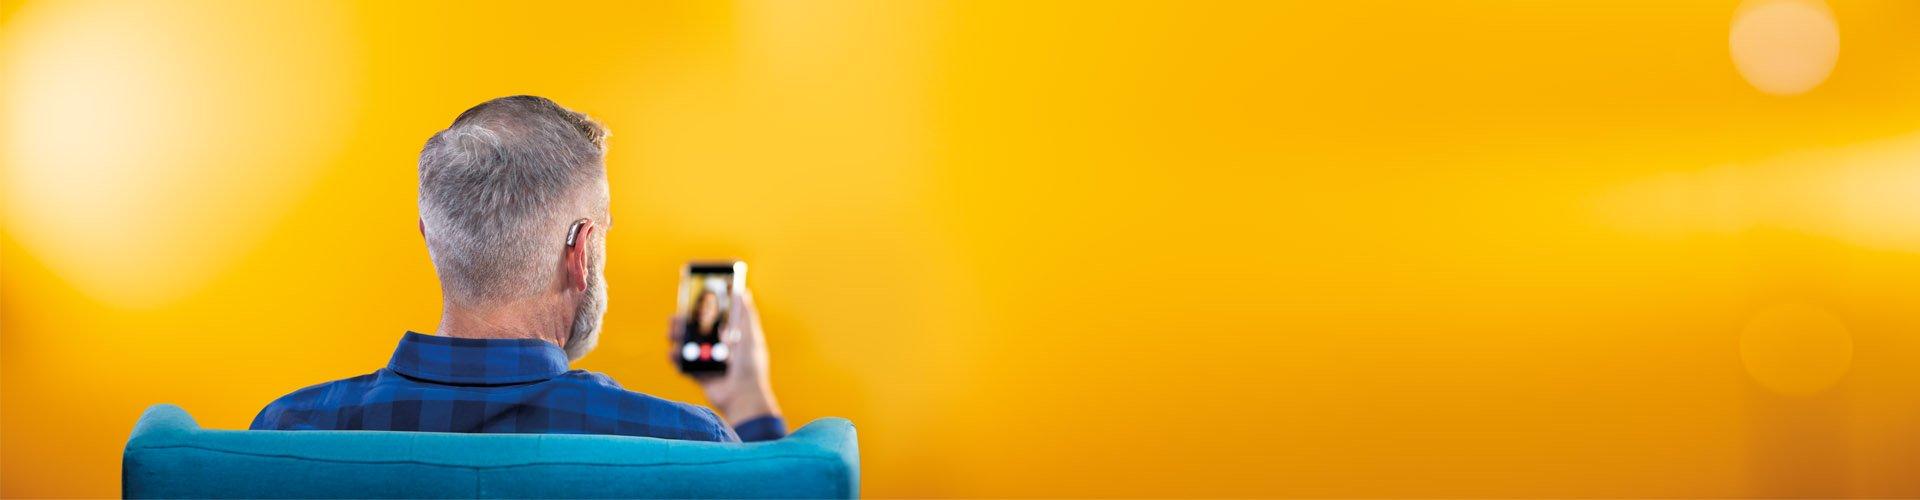 Homem de meia idade a usar um smartphone e os seus aparelhos auditivos Philips HearLink para se ligar à família e amigos através de uma vídeo-chamada.